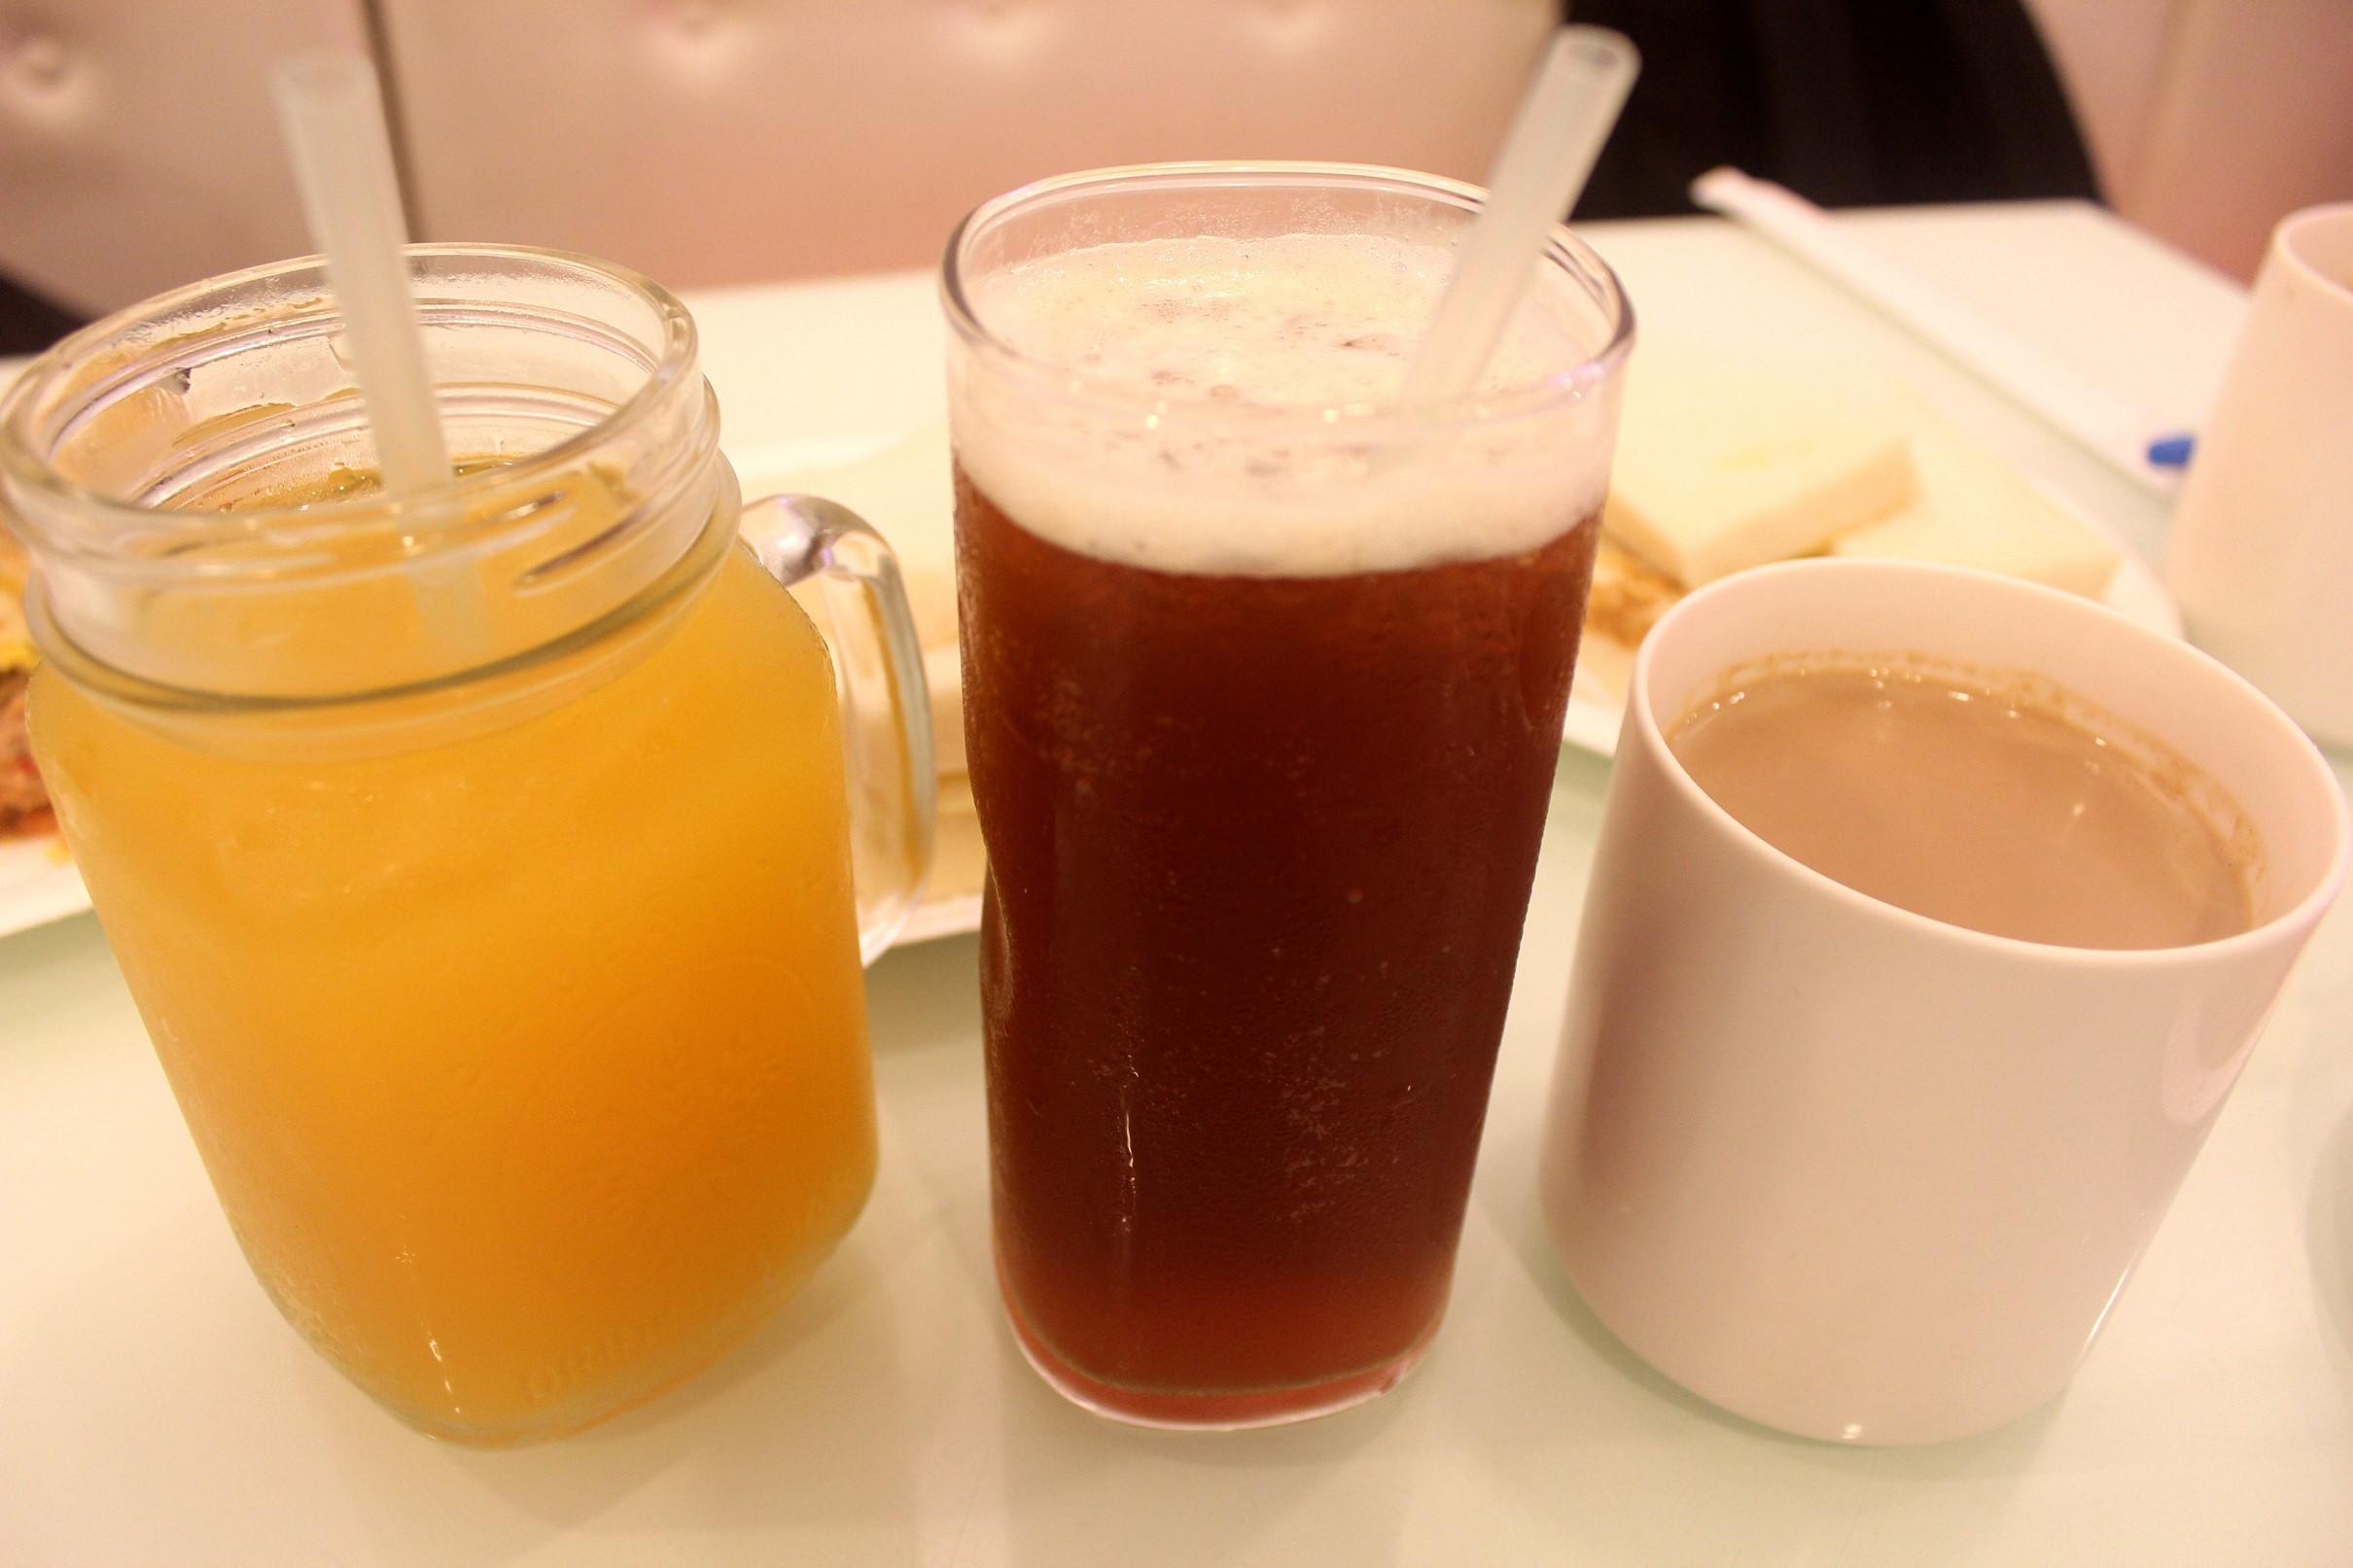 位於文山區的33早餐店,以肉蛋吐司一炮而紅。(圖/實習記者李佳蓉攝)